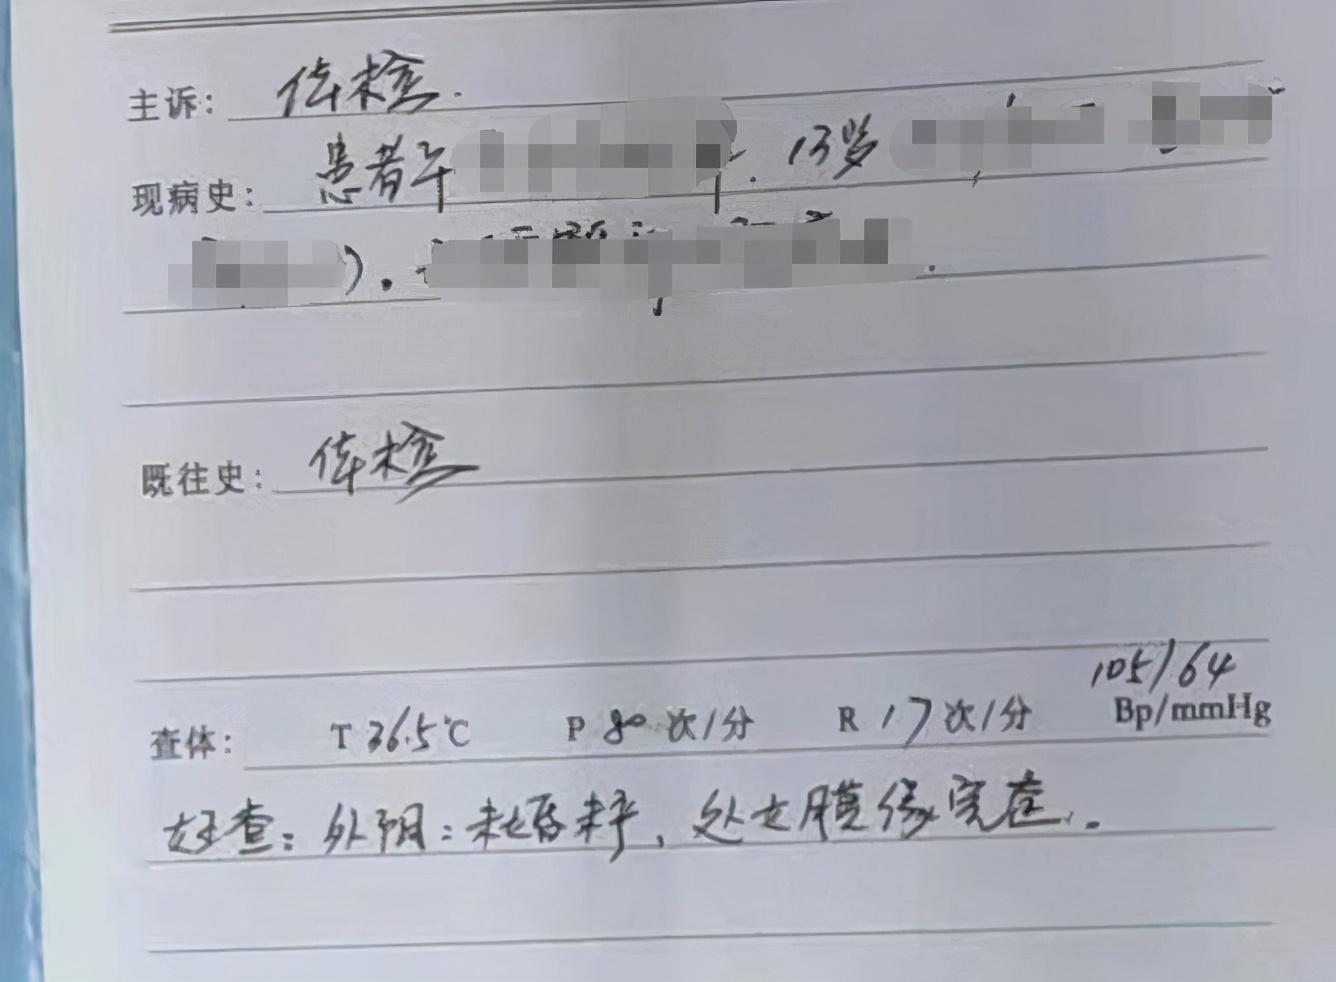 """山西初三女生遭校长殴打被逼写""""性行为检讨书"""",家人称校长曾想赔偿二三万元私了,当事校长已停职"""